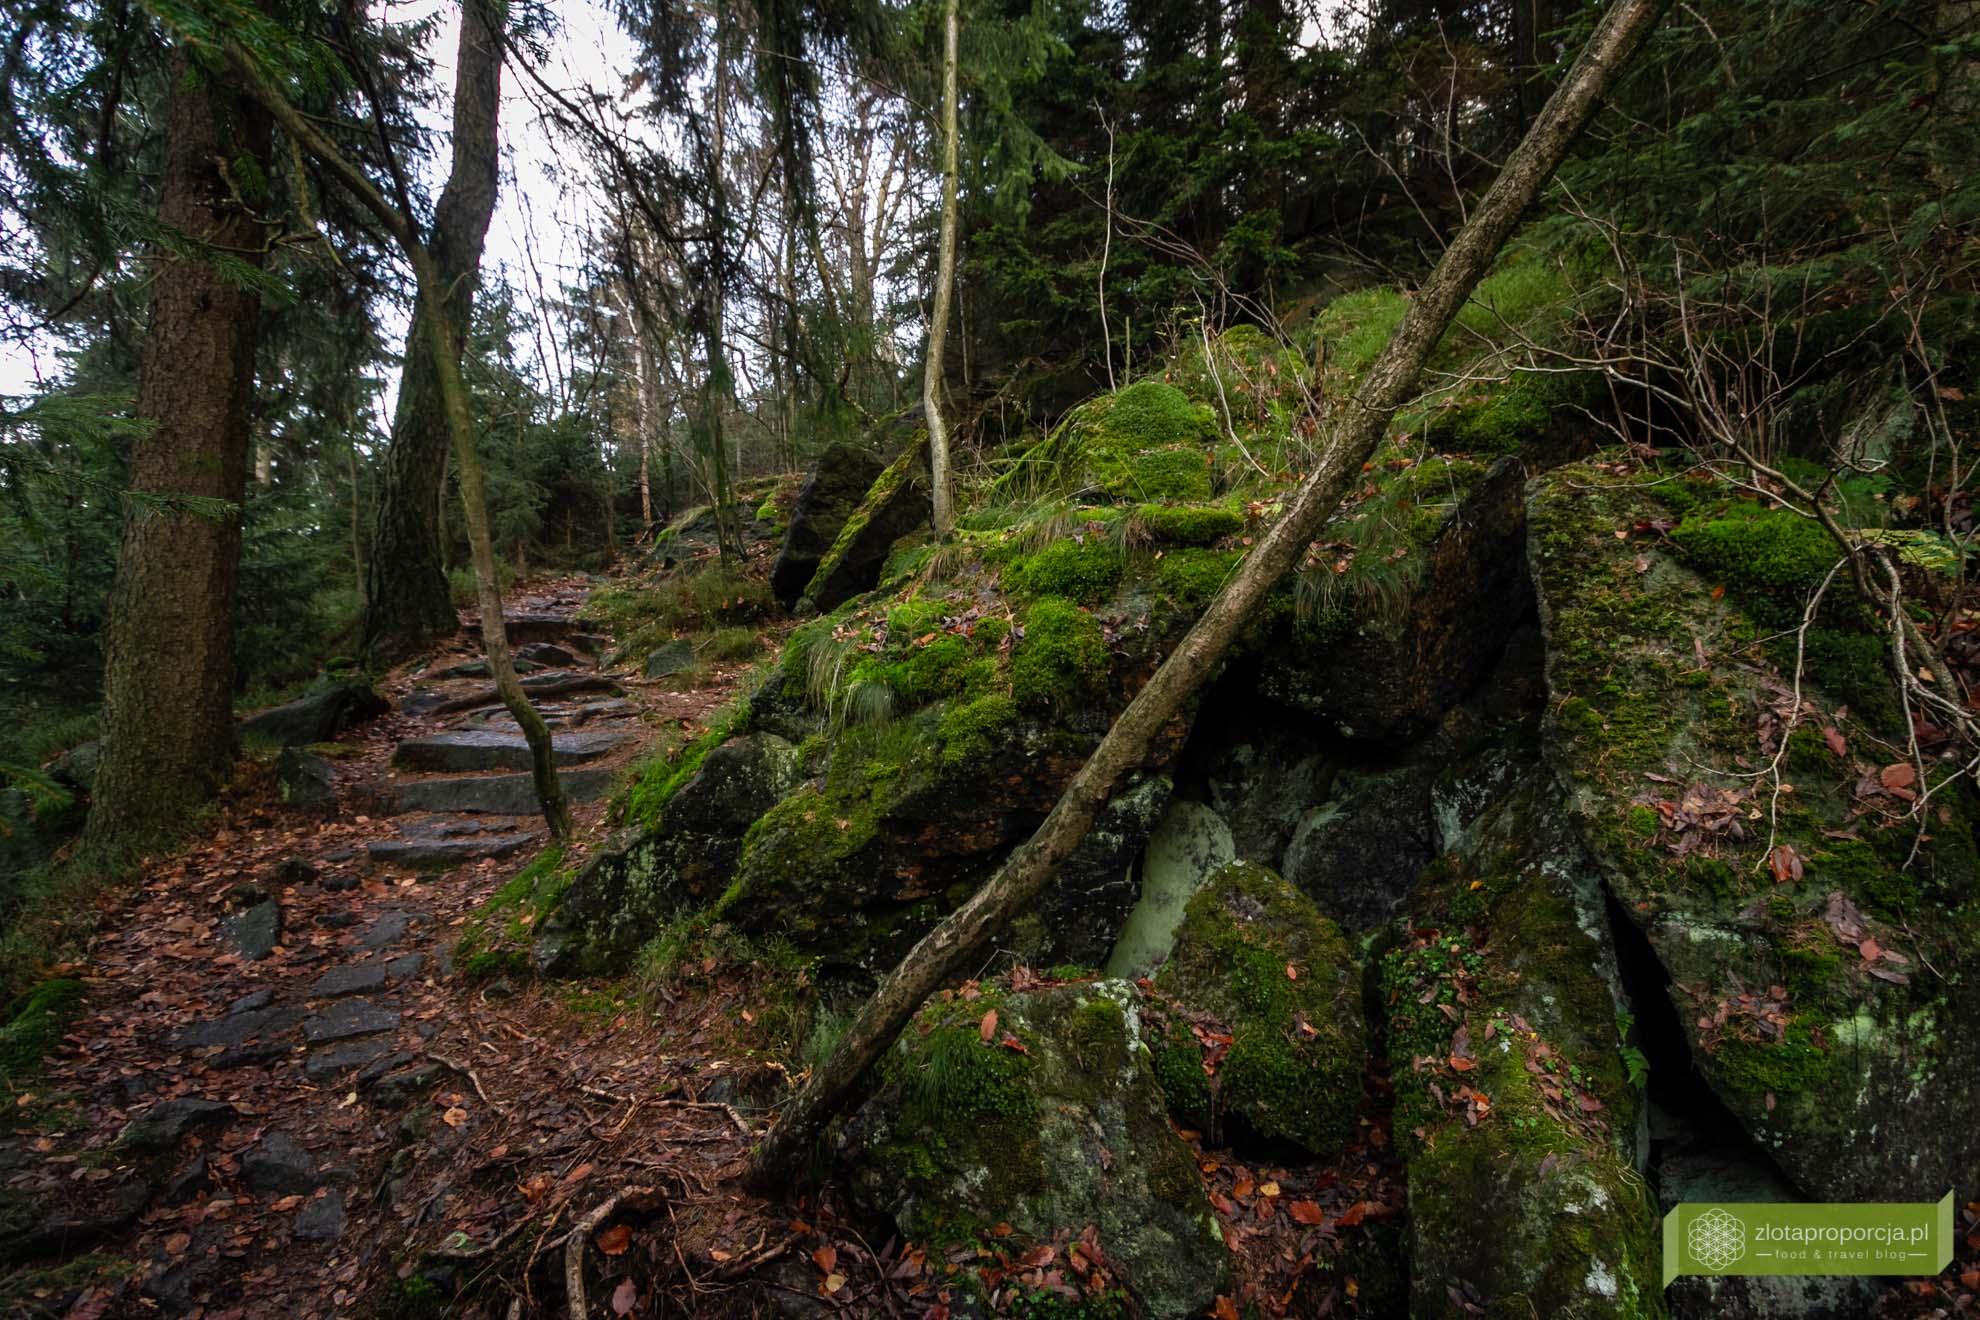 Ślęża; Góra Ślęża; Masyw Ślęży; okolice Wrocławia; Ślęża szlaki; Ślęża legendy; miejsce mocy; Góra mocy;